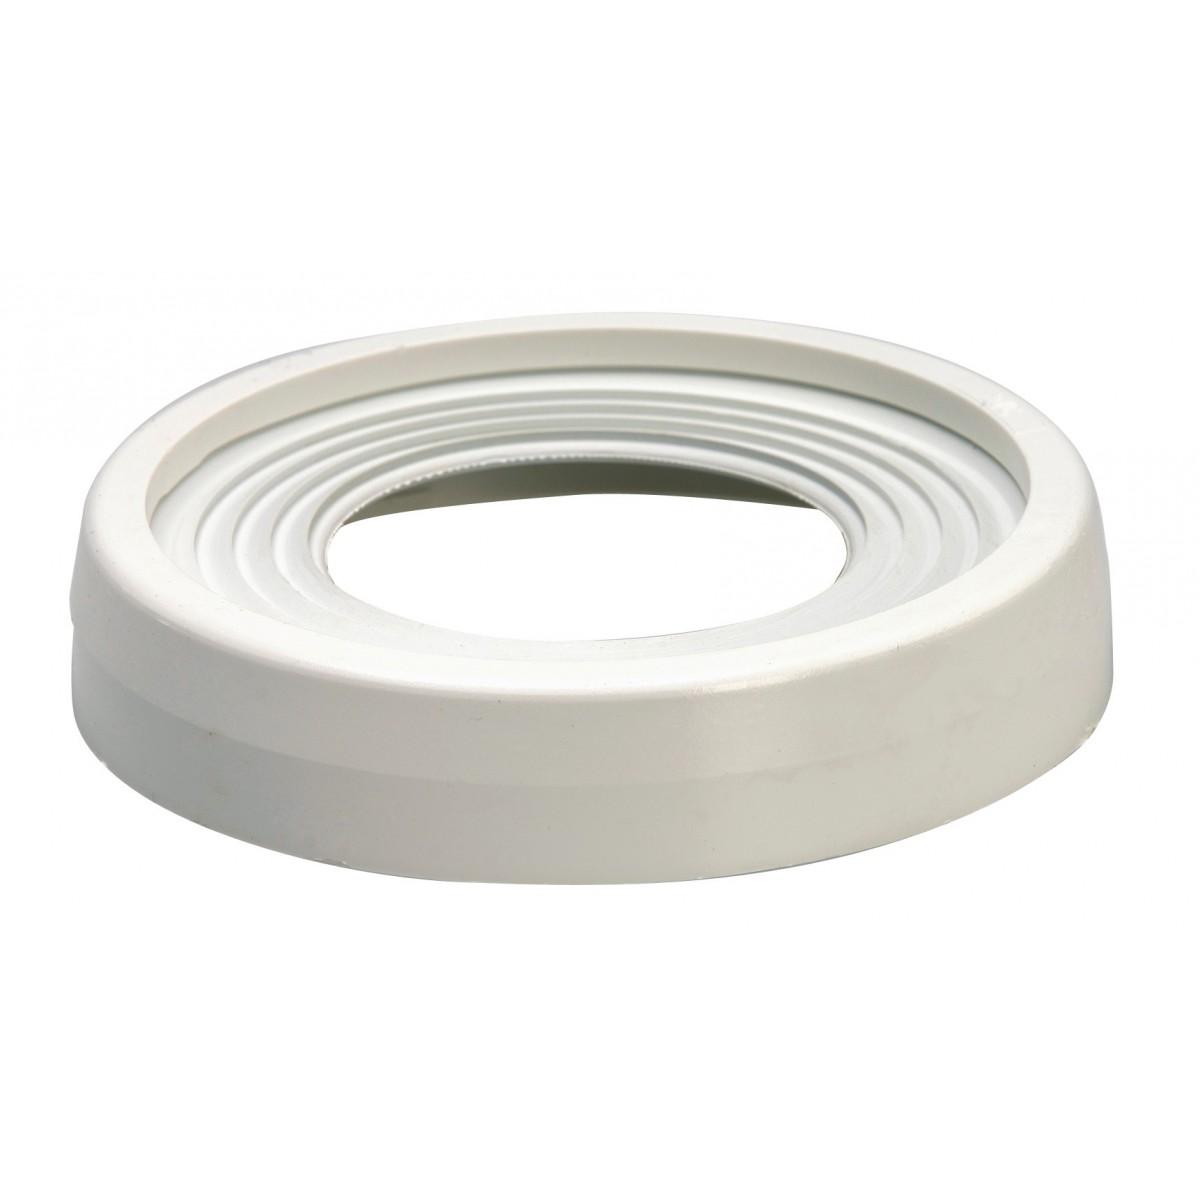 Ensemble joint + bague pour WC - Dimensions 85 à 107 mm